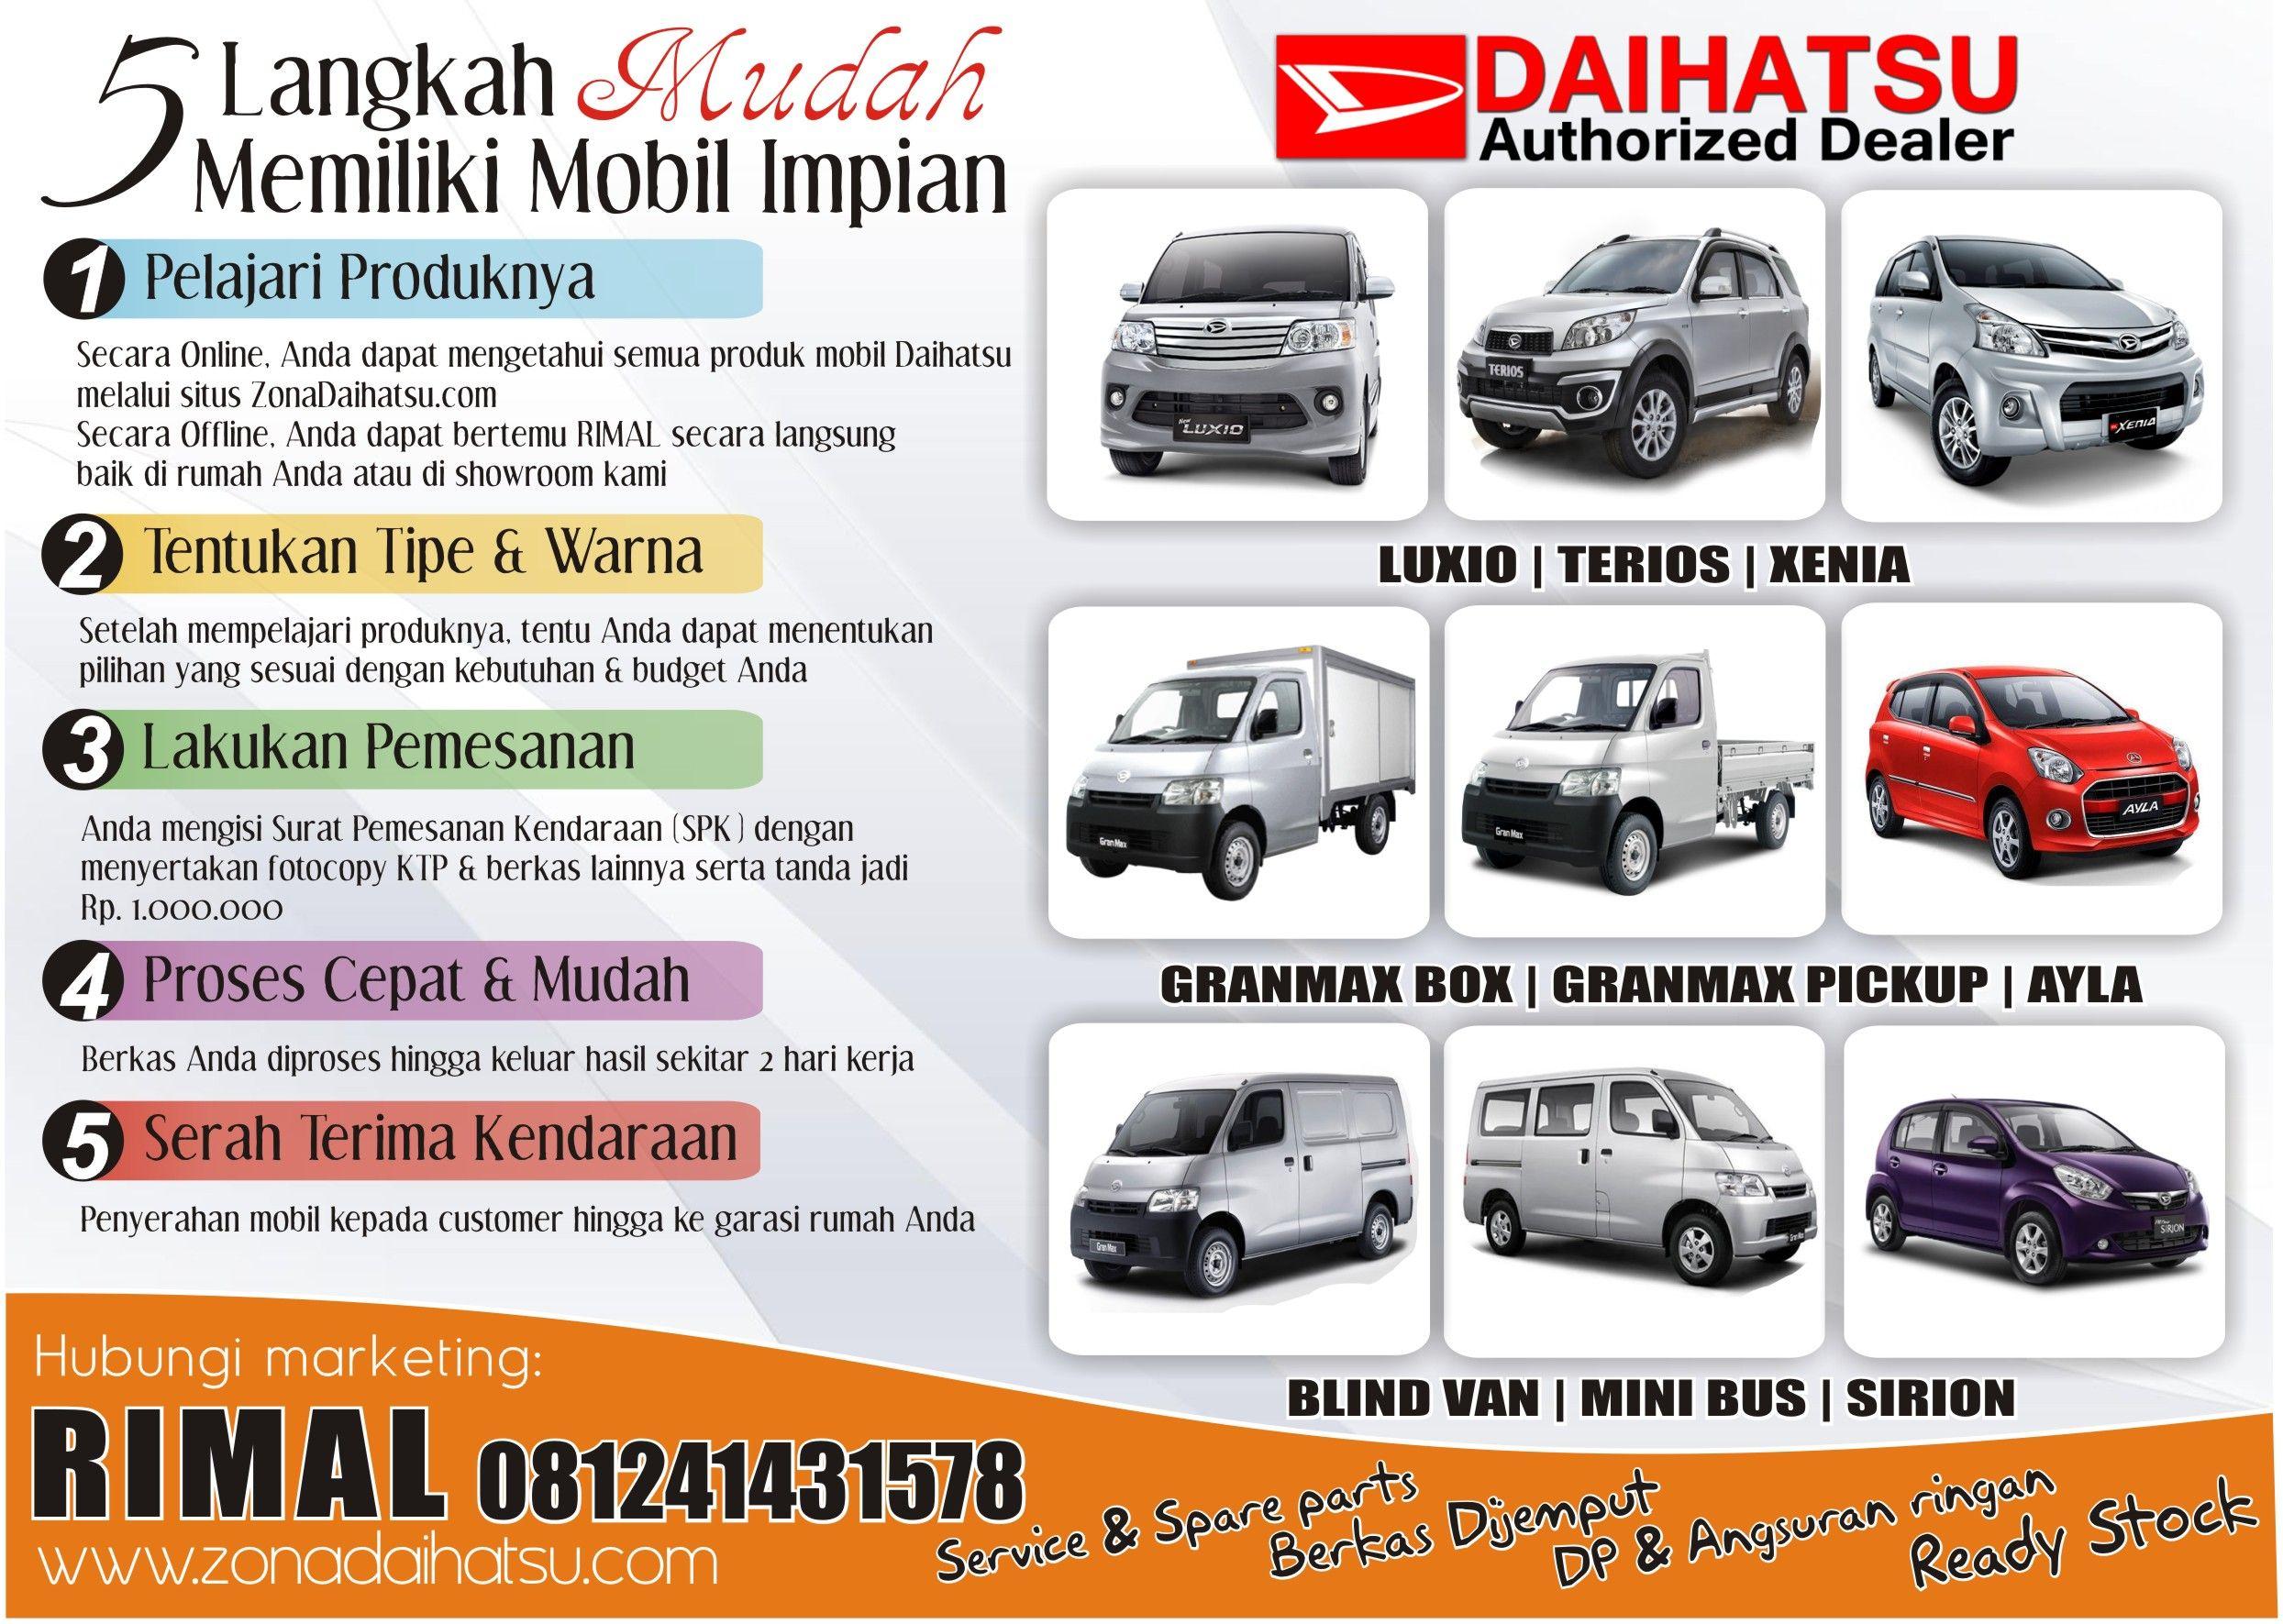 Daihatsu Makassar di Makassar, Sulawesi Selatan